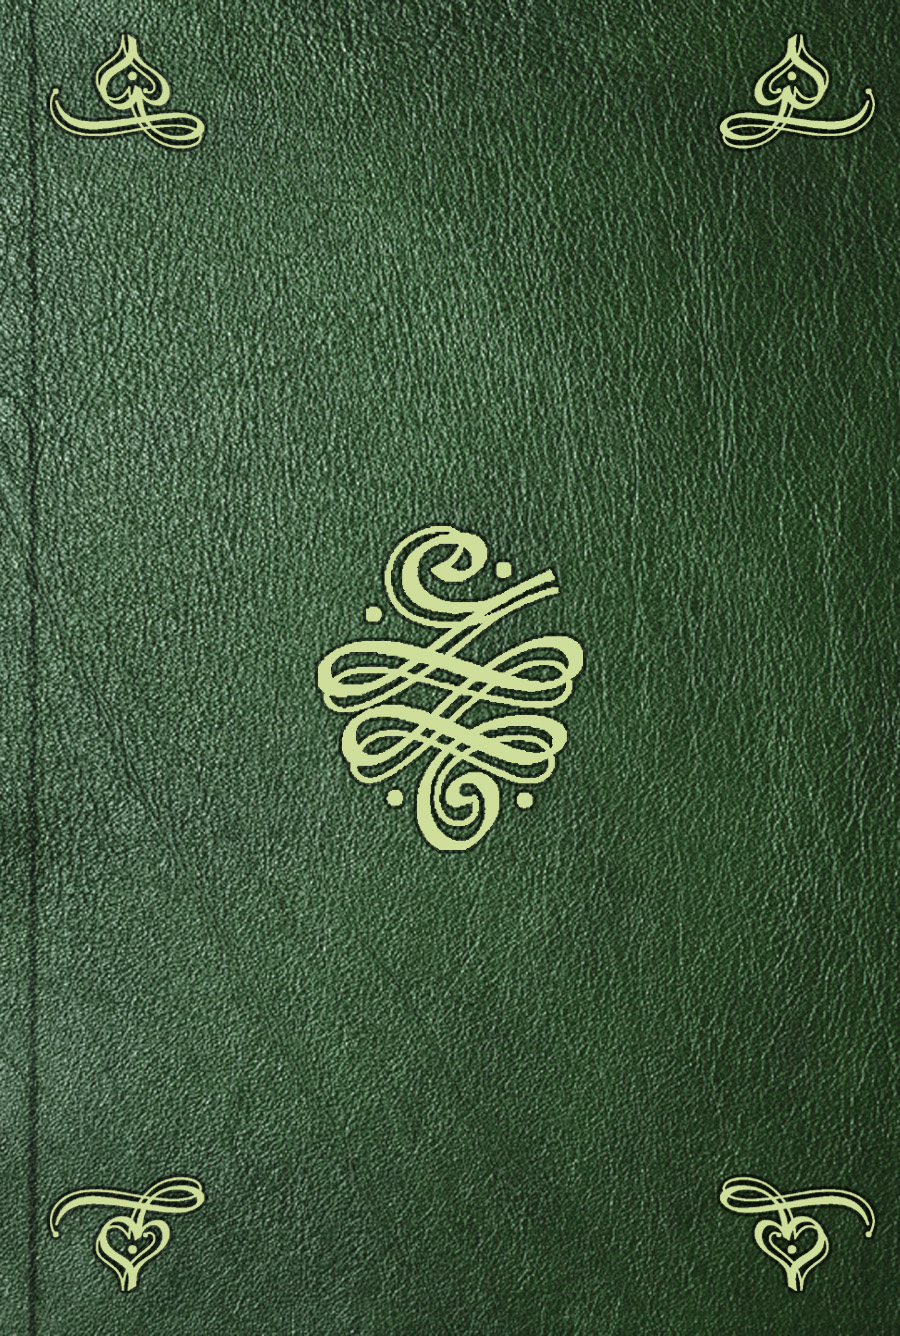 Blaise Pascal Les provinciales, ou lettres de Louis de Montalte. T. 2 charlotte elizabeth de baviere fragmens de lettres originales t 2